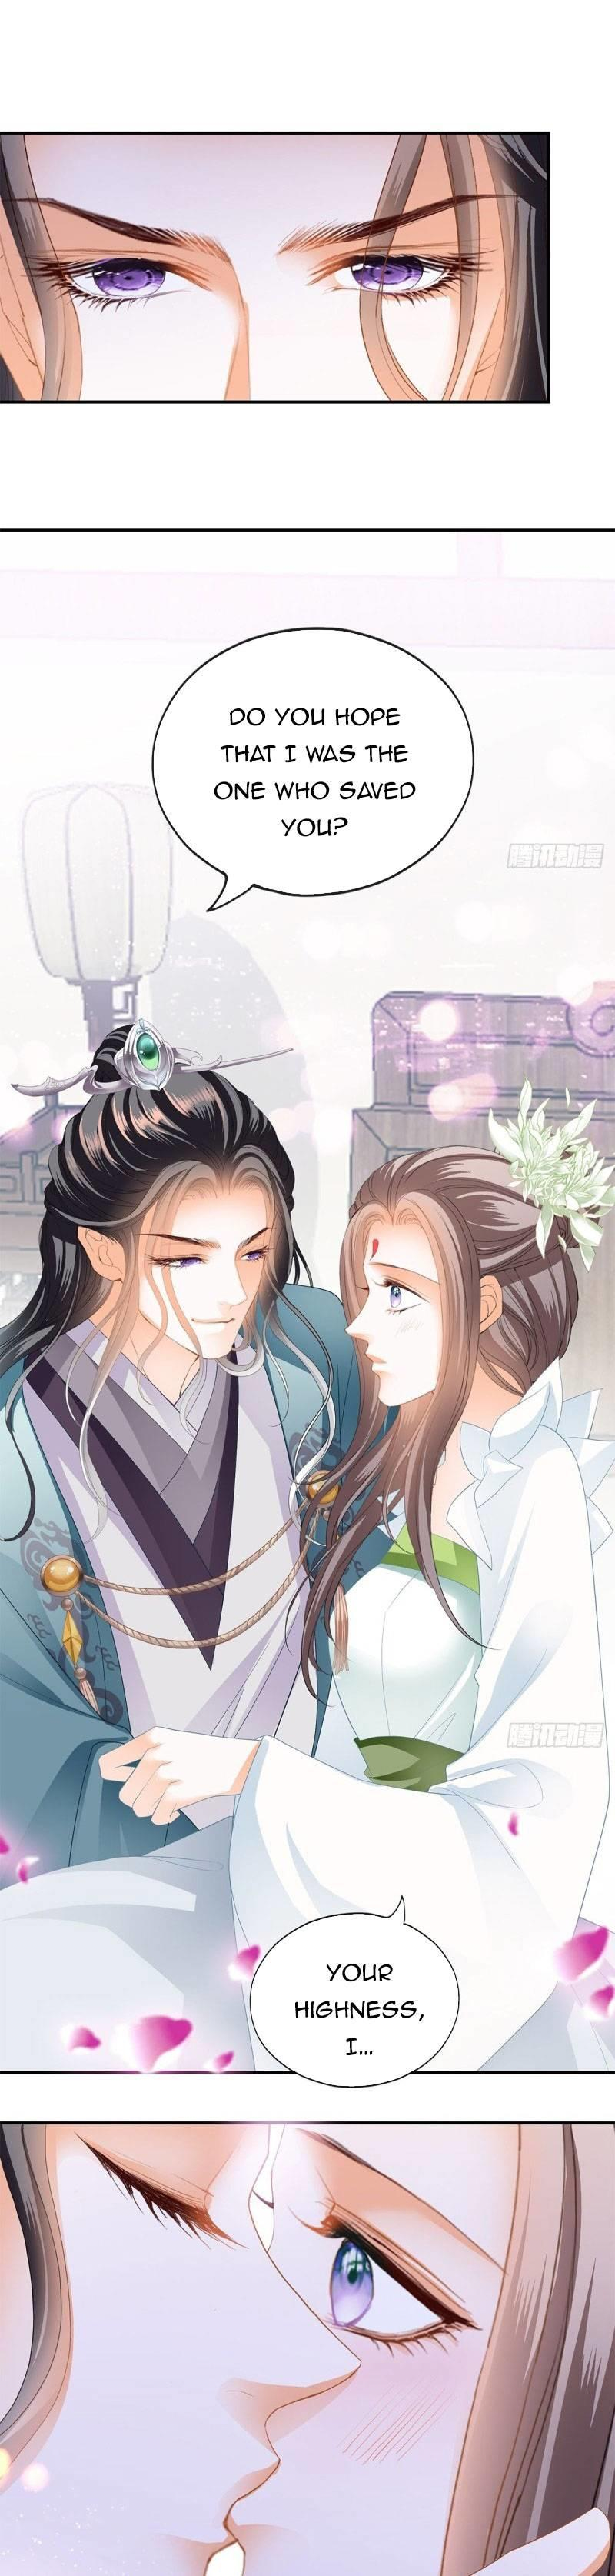 The Prince Wants You Chapter 53 page 4 - Mangakakalots.com